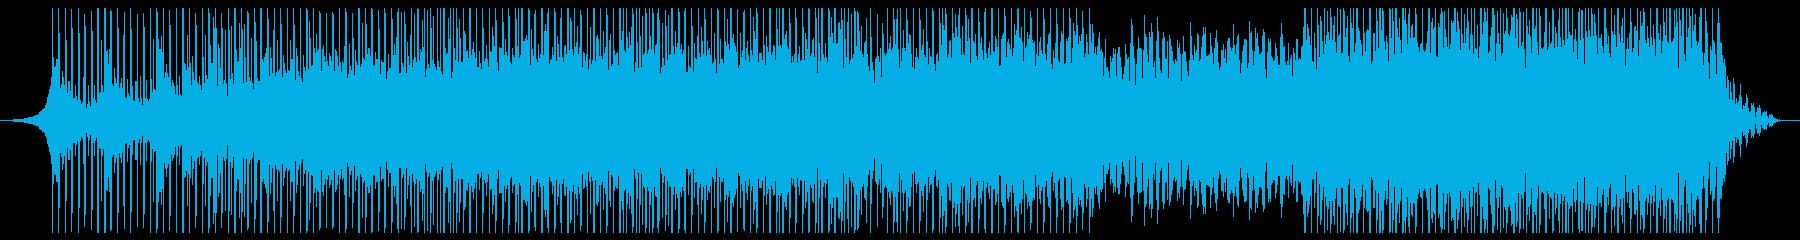 感動的で落ち着いたエレガントな企業音楽の再生済みの波形